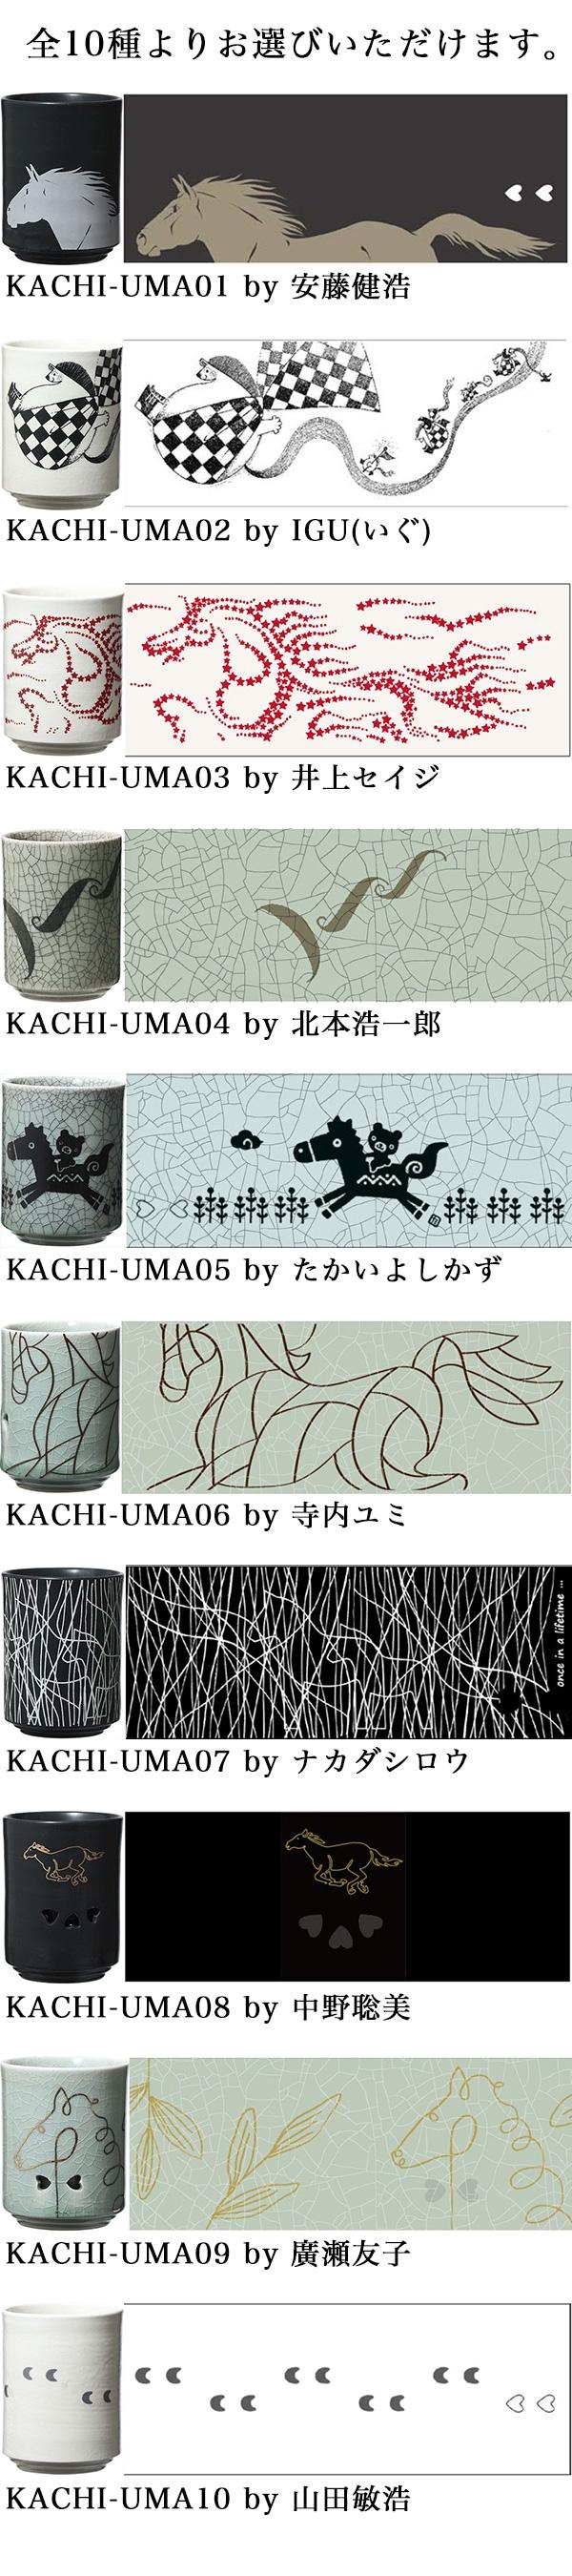 10種から選べるkachi-uma